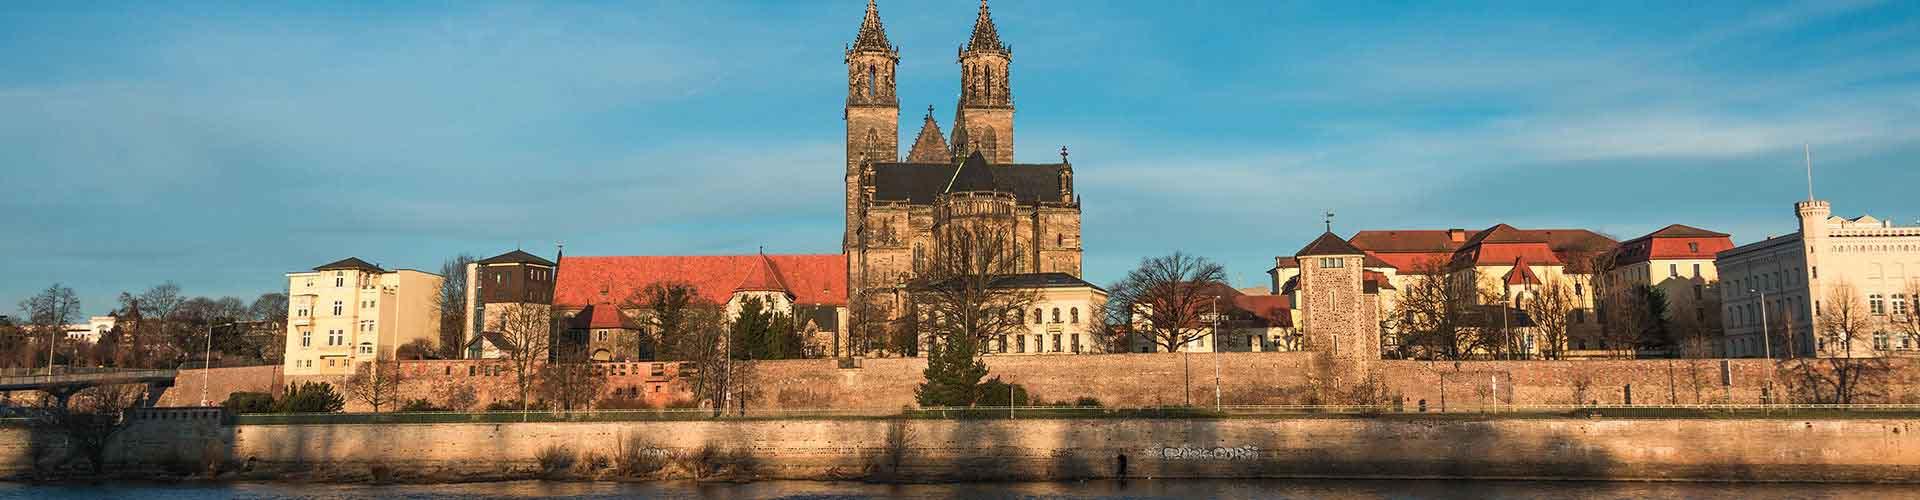 Magdeburgo - Habitaciones en Magdeburgo. Mapas de Magdeburgo, Fotos y Comentarios para cada habitación en Magdeburgo.